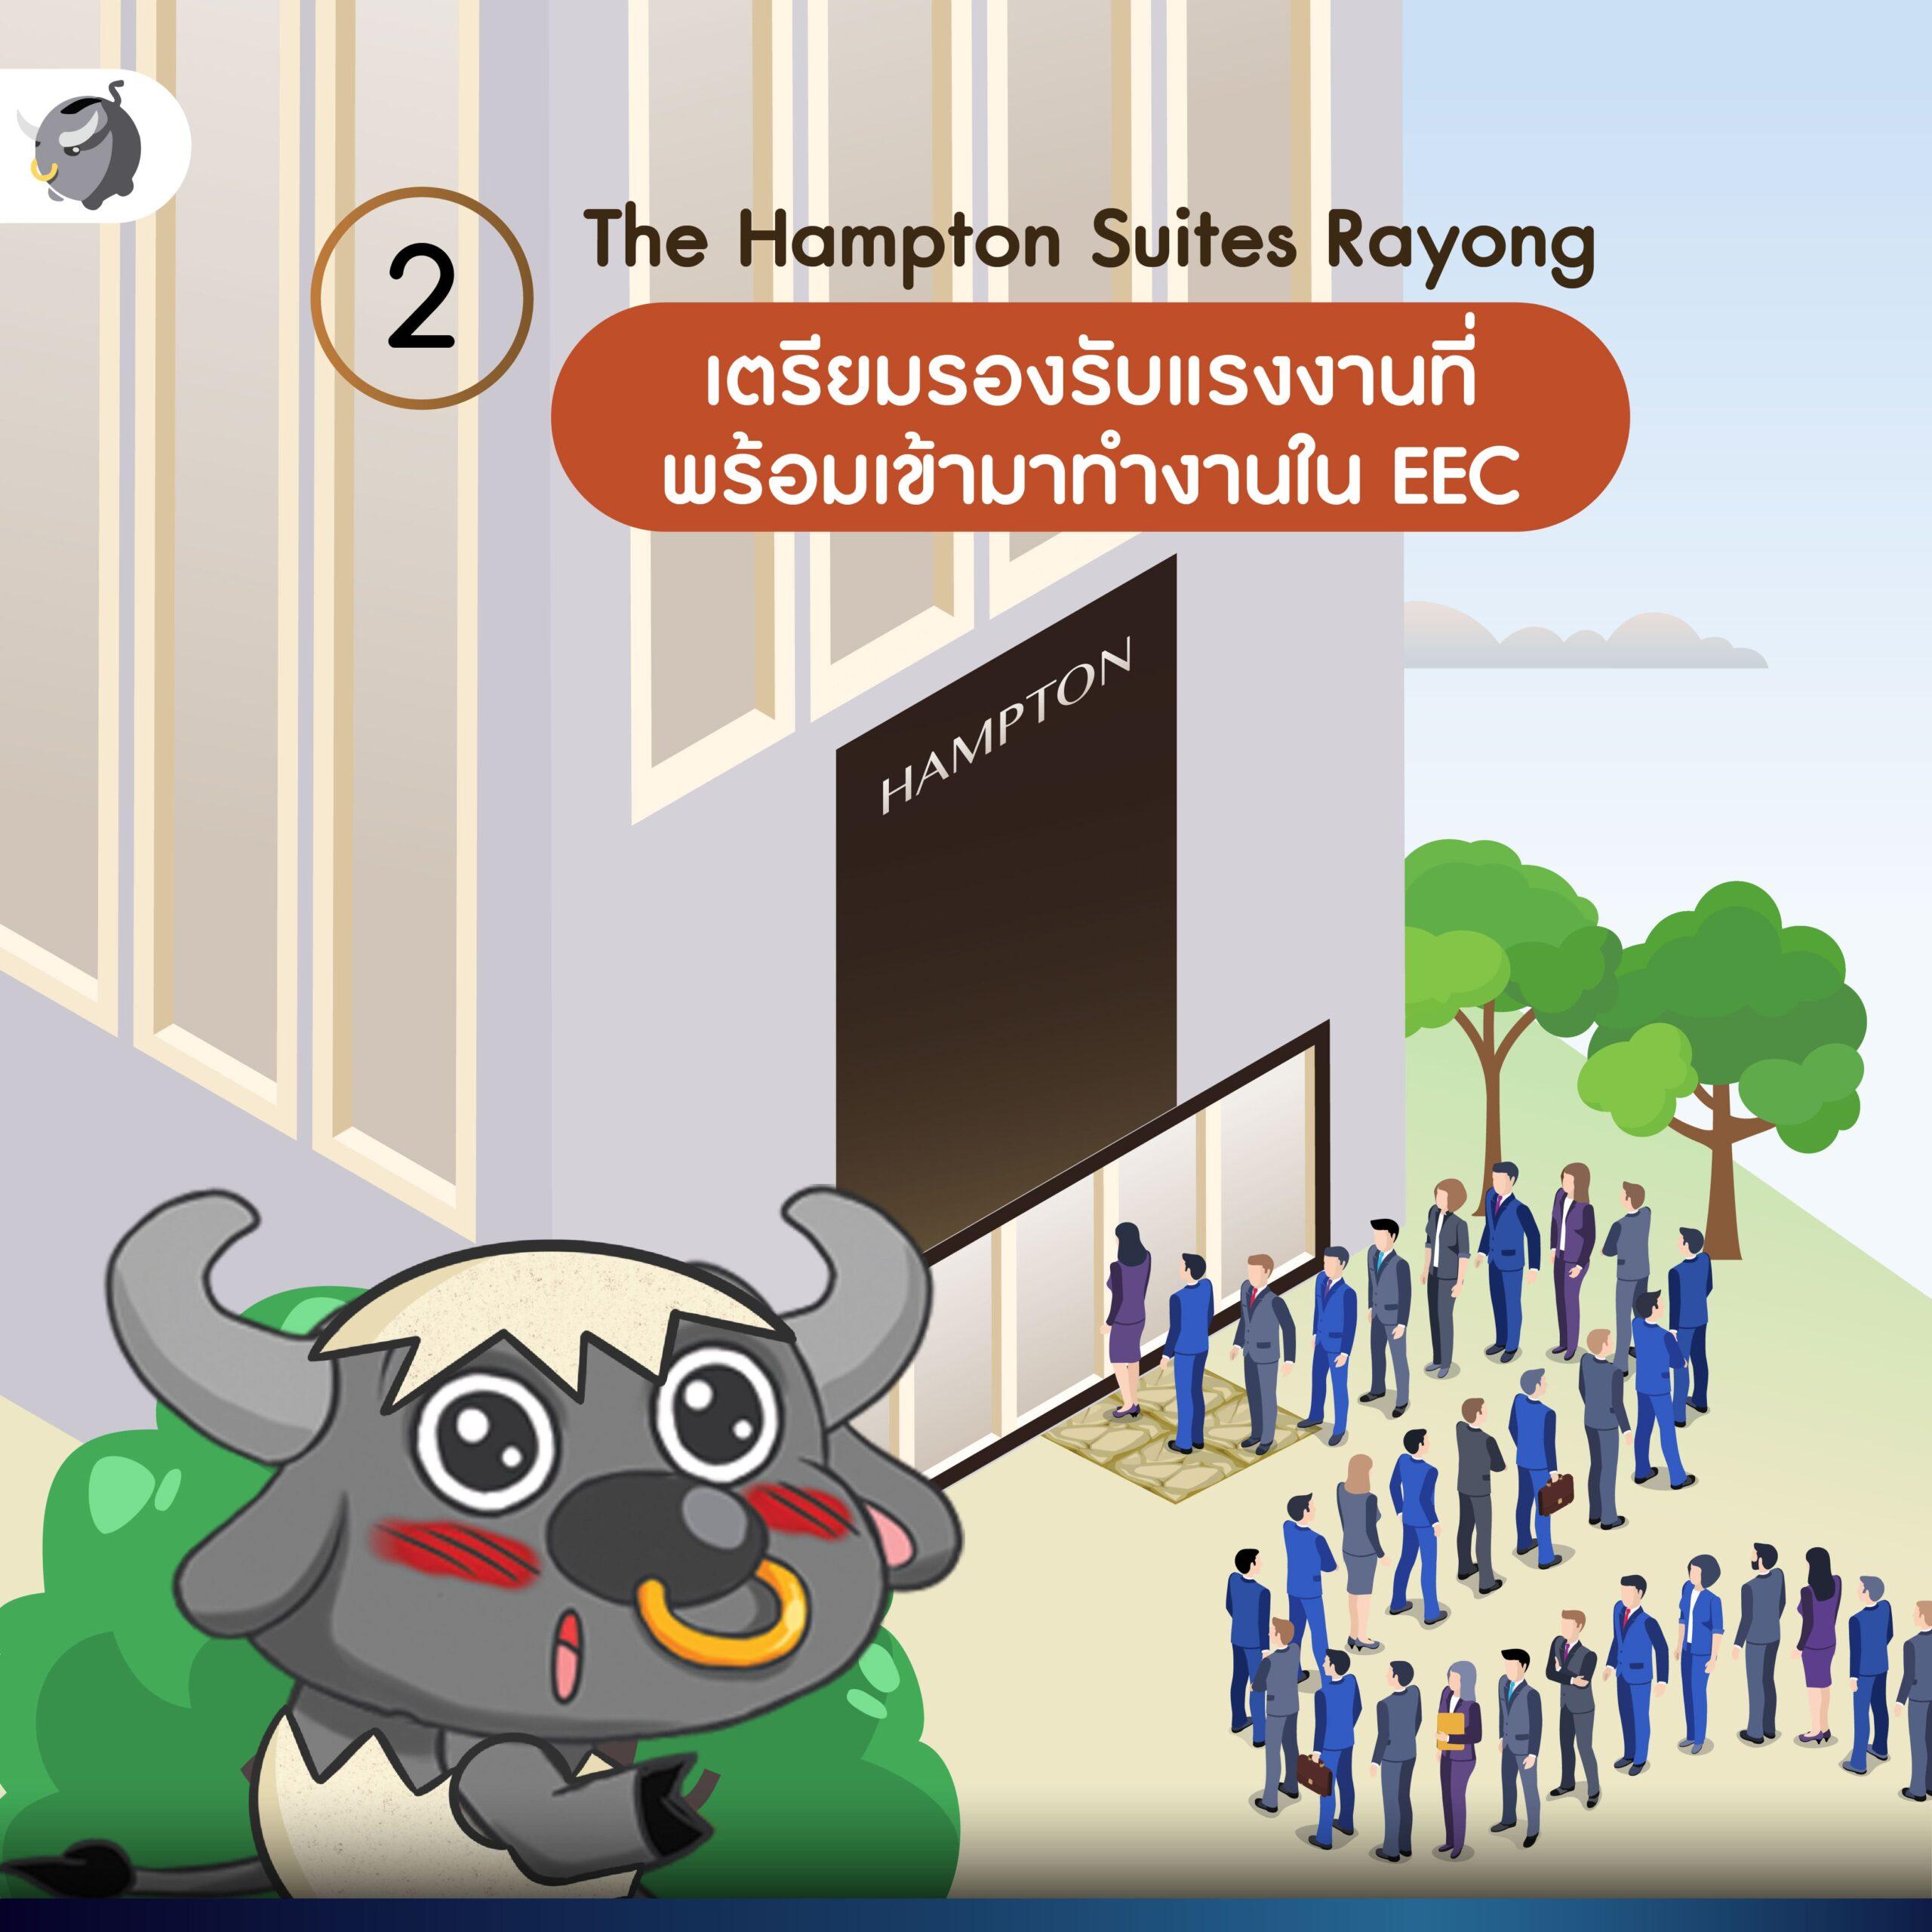 The Hampton Suites Rayong ทำเลไข่แดงทองคำแห่ง EEC ที่นักลงทุนห้ามพลาด